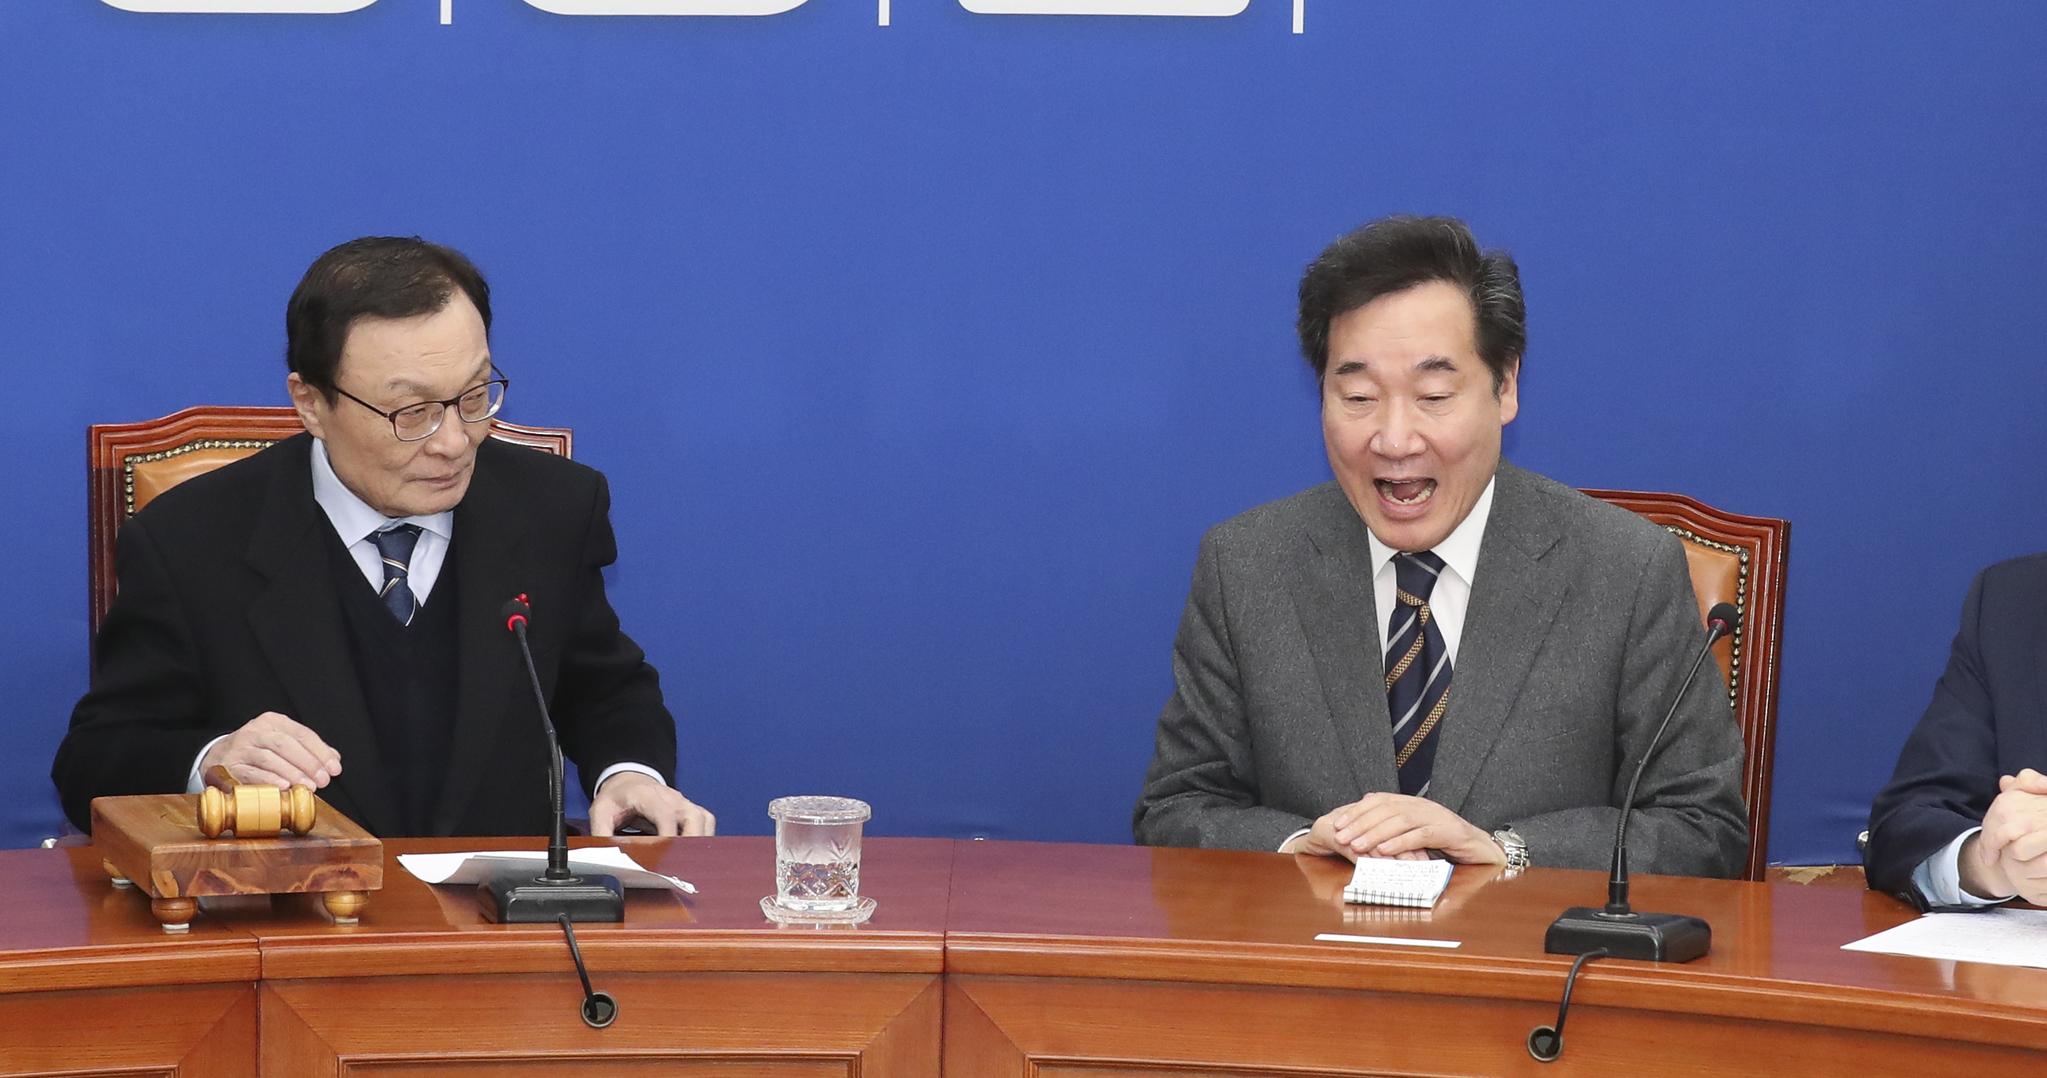 이낙연 전 국무총리(오른쪽)가 15일 오전 국회에서 열린 민주당 최고위원회의에서 이 대표가 꽃다발을 증정하겠다고 하자 입을 크게 벌리며 놀란 표정을 하고 있다. 임현동 기자